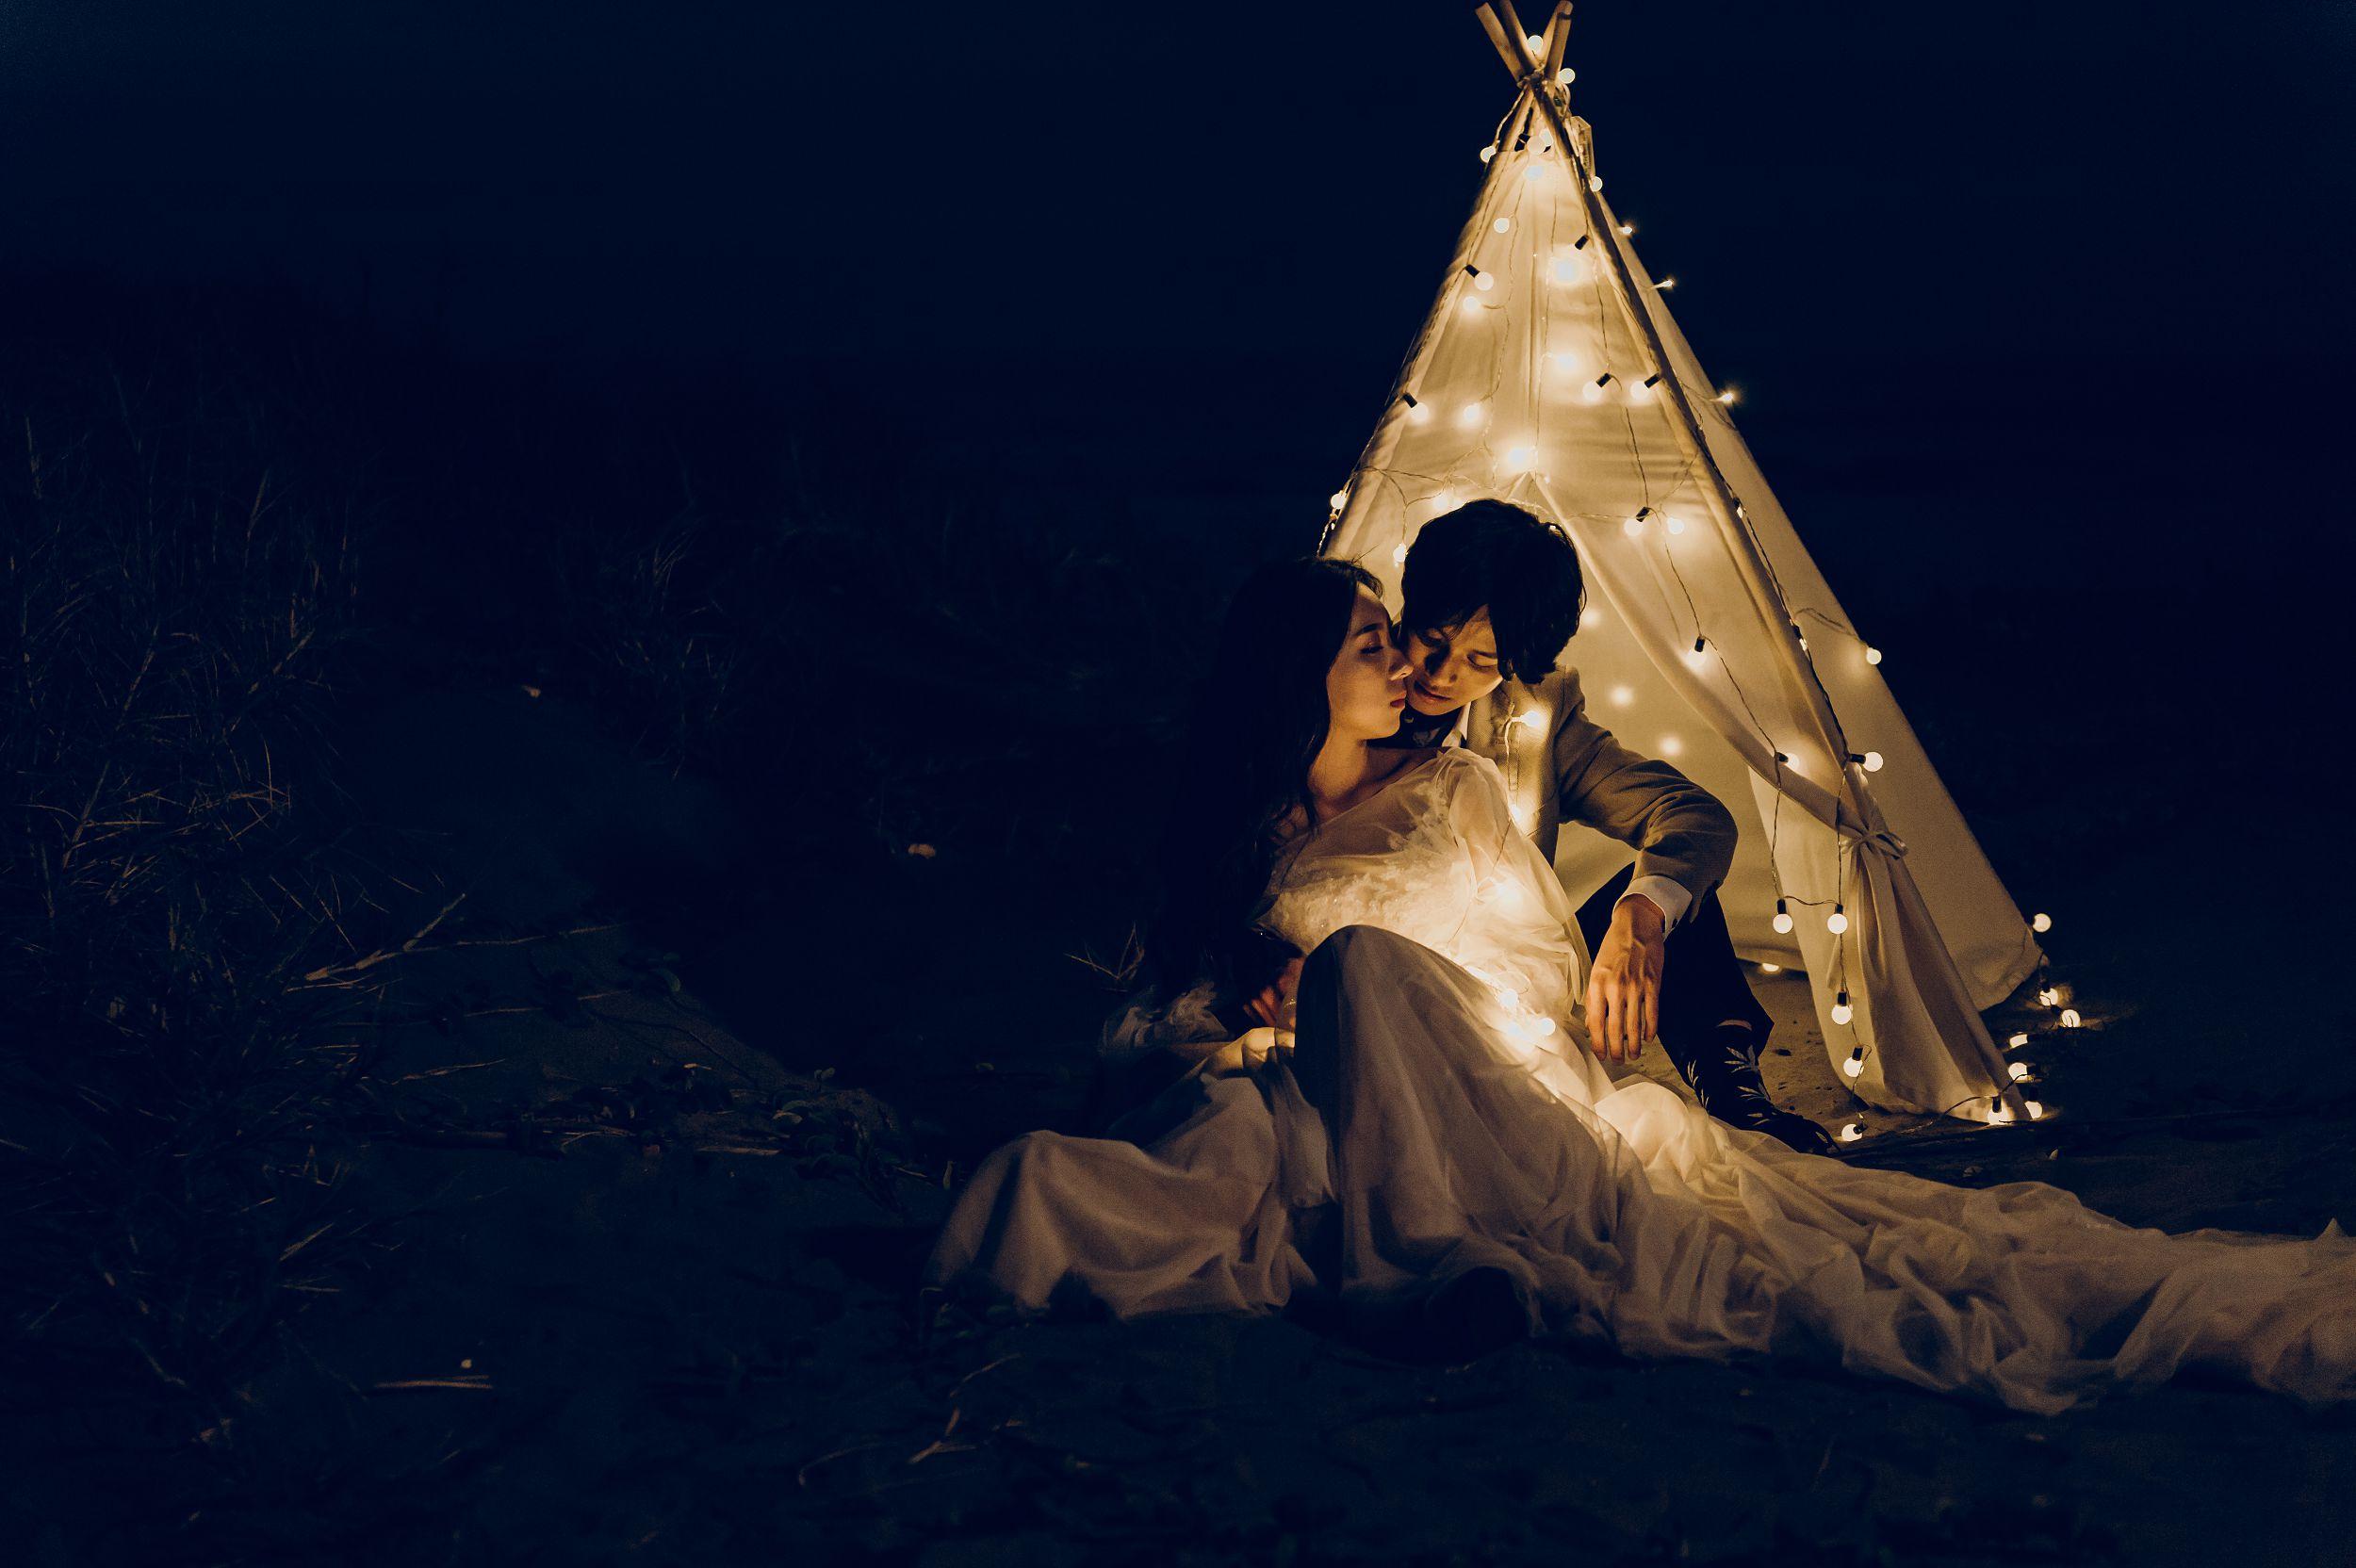 游阿三,自助婚紗,七顆梨西服,七顆梨旗袍,帕米絲婚紗工作室,廢墟,新竹,海邊,沙灘,小花園造型,自然清新,美式風格,自然互動,禮服穿搭,婚攝,台北婚紗,新竹老街,香山沙丘,輕婚紗